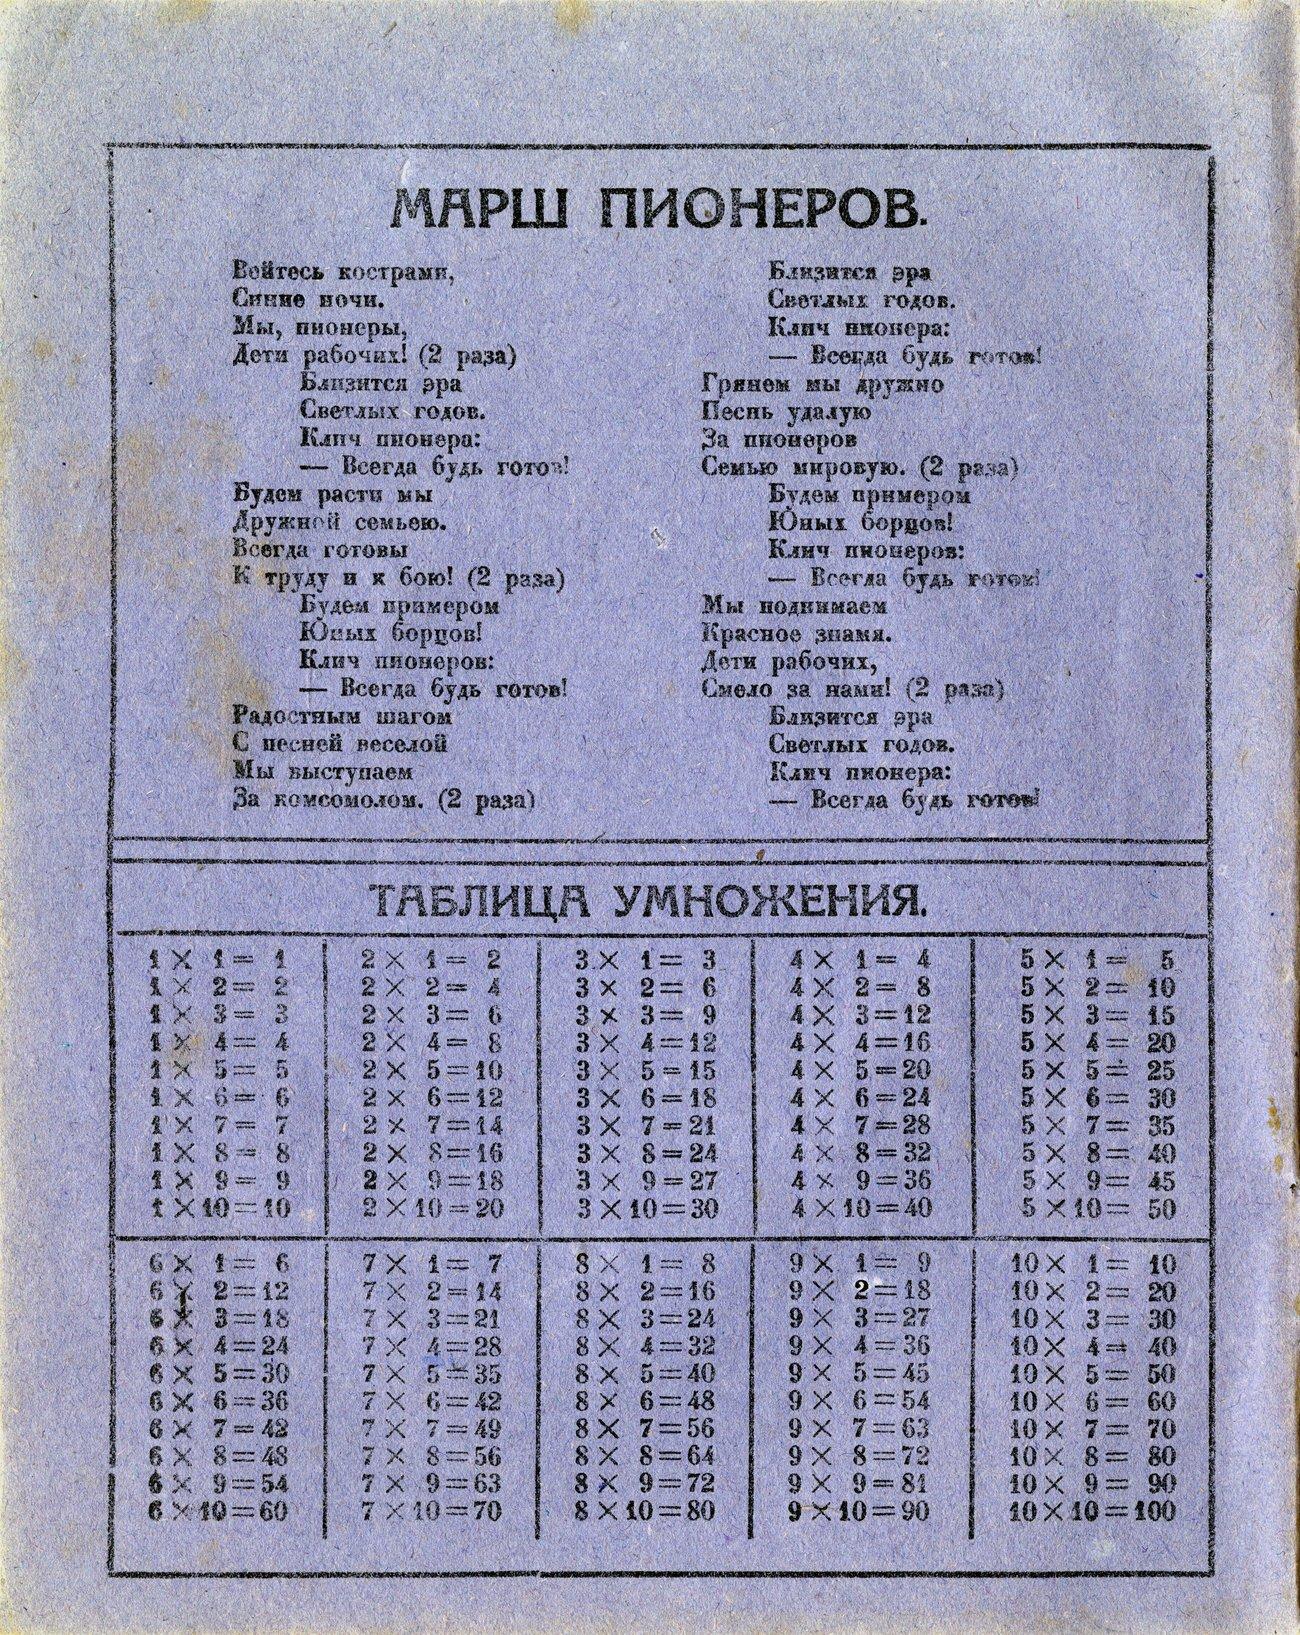 Пионерка-барабанщица 1930 2